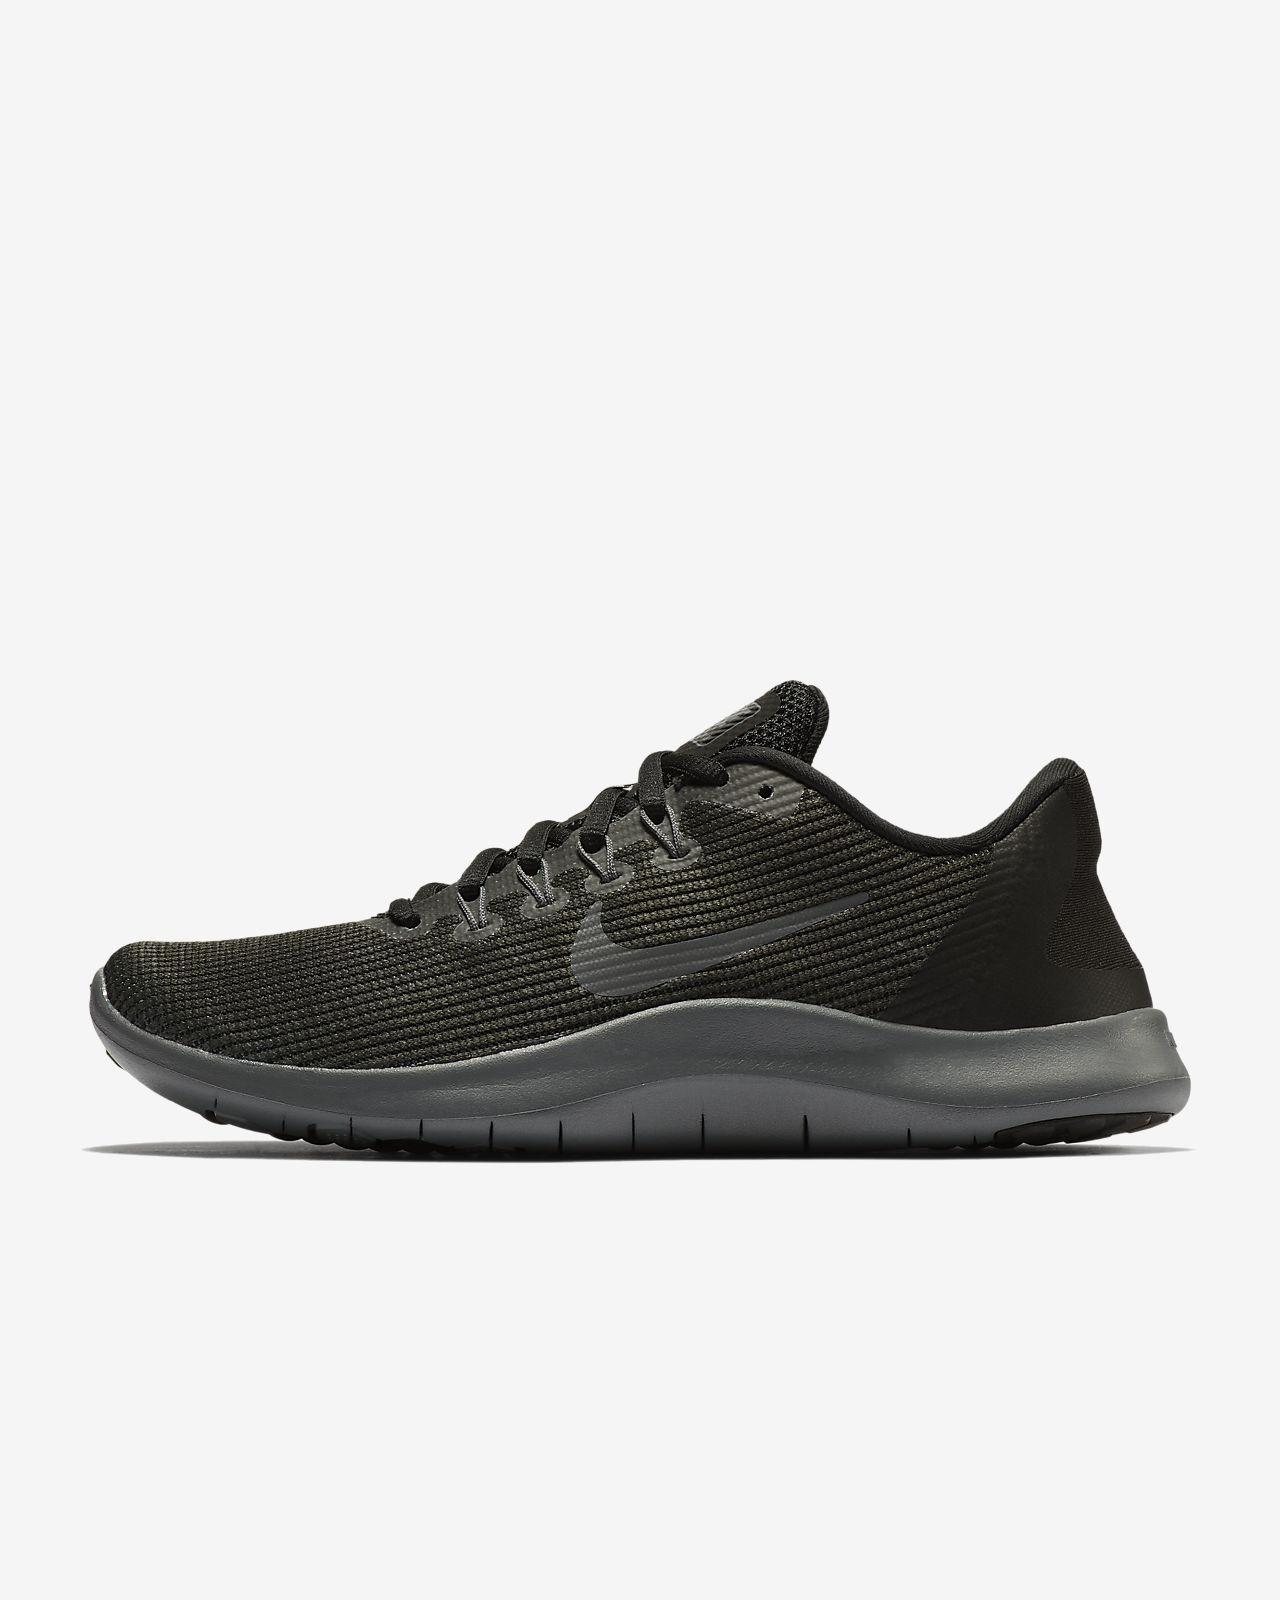 outlet store 64710 c1c6b ... closeout chaussure de running nike flex rn 2018 pour femme aea57 8c833